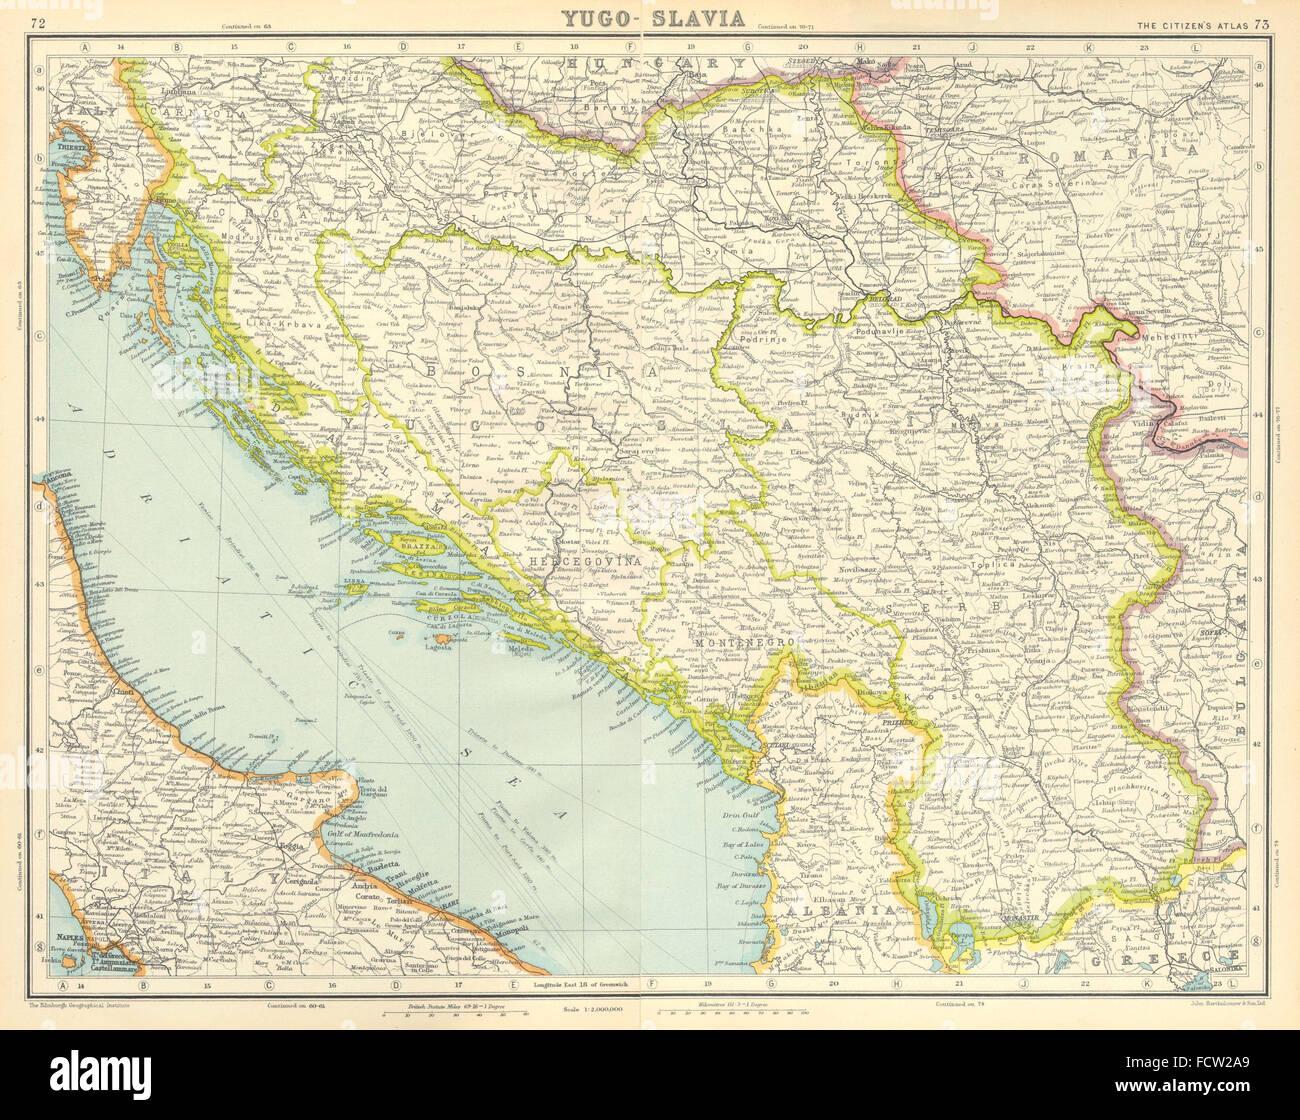 Cartina D Italia 1940.E Squadra Fagioli Pipistrello Zara Cartina Geografica Fare Bene Inflazione Respirare